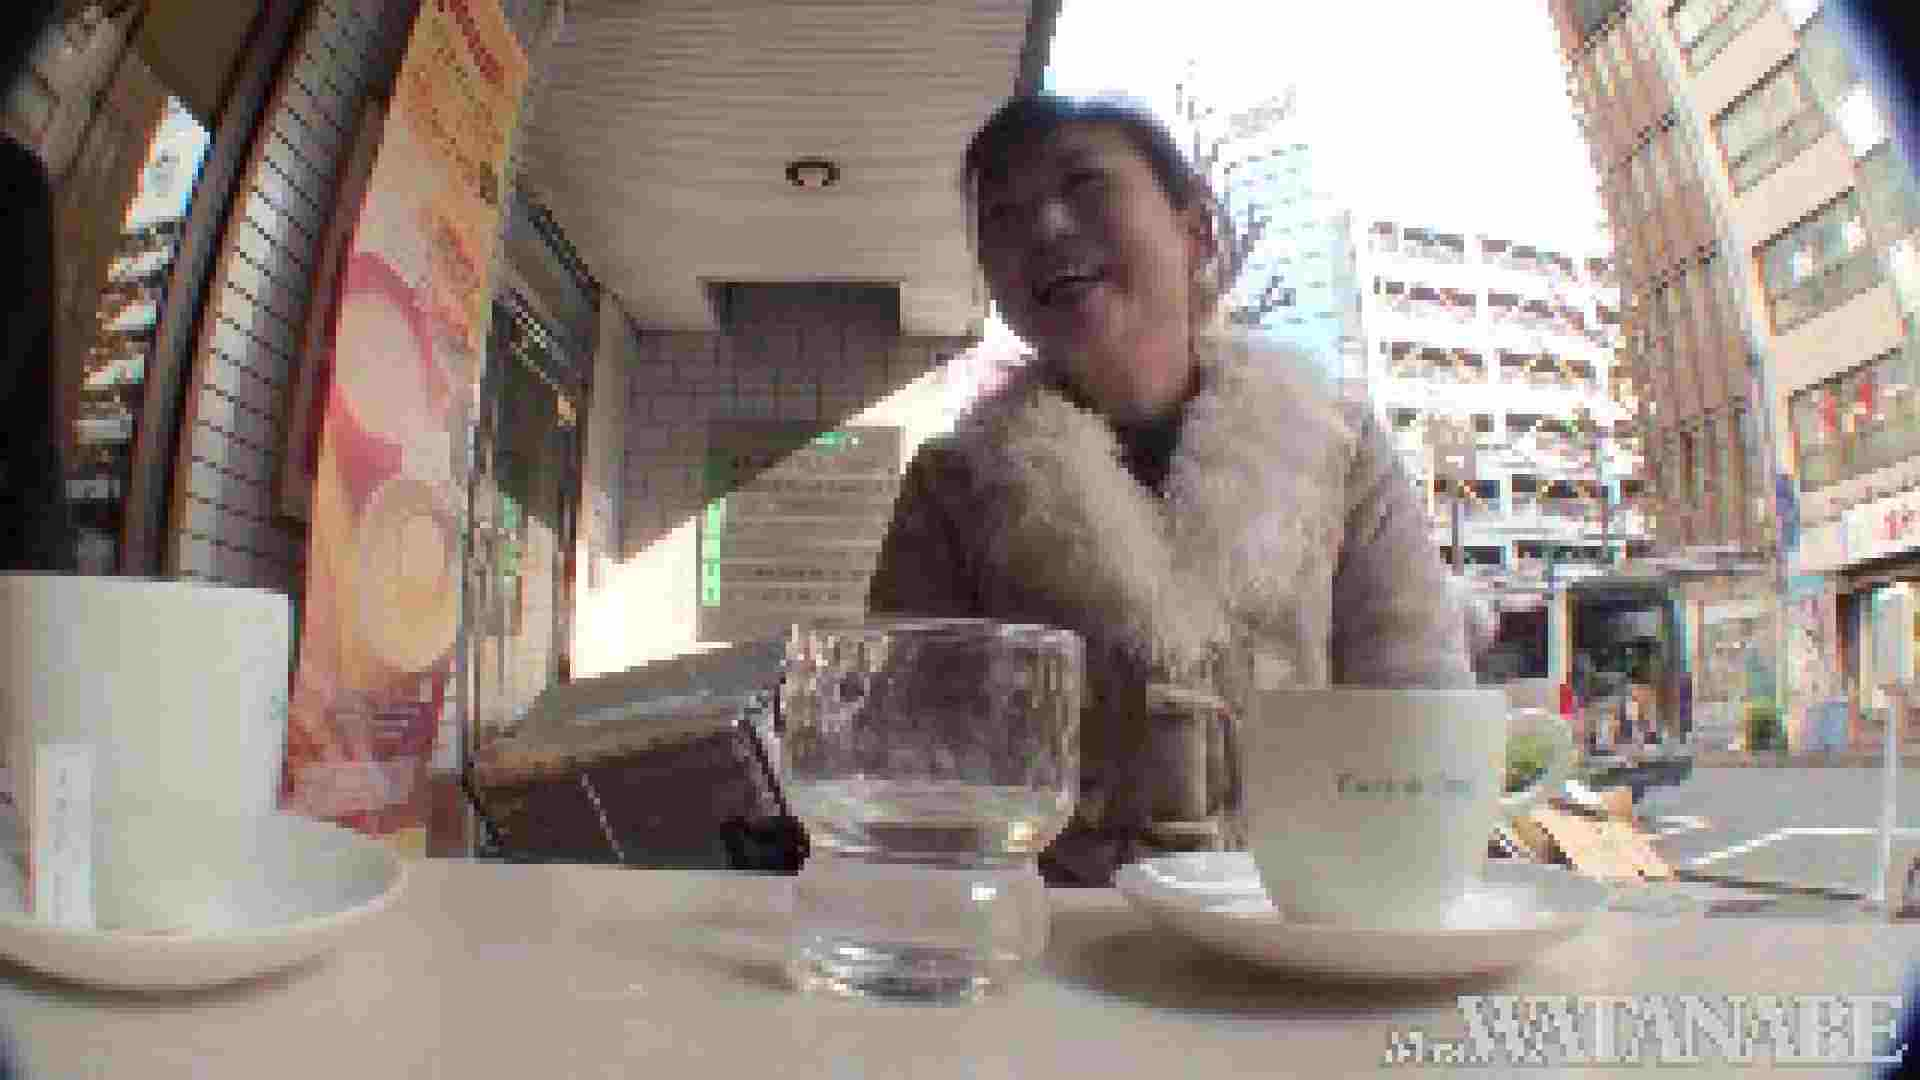 撮影スタッフを誘惑する痴熟女 かおり40歳 Vol.01 素人 オマンコ動画キャプチャ 82pic 28